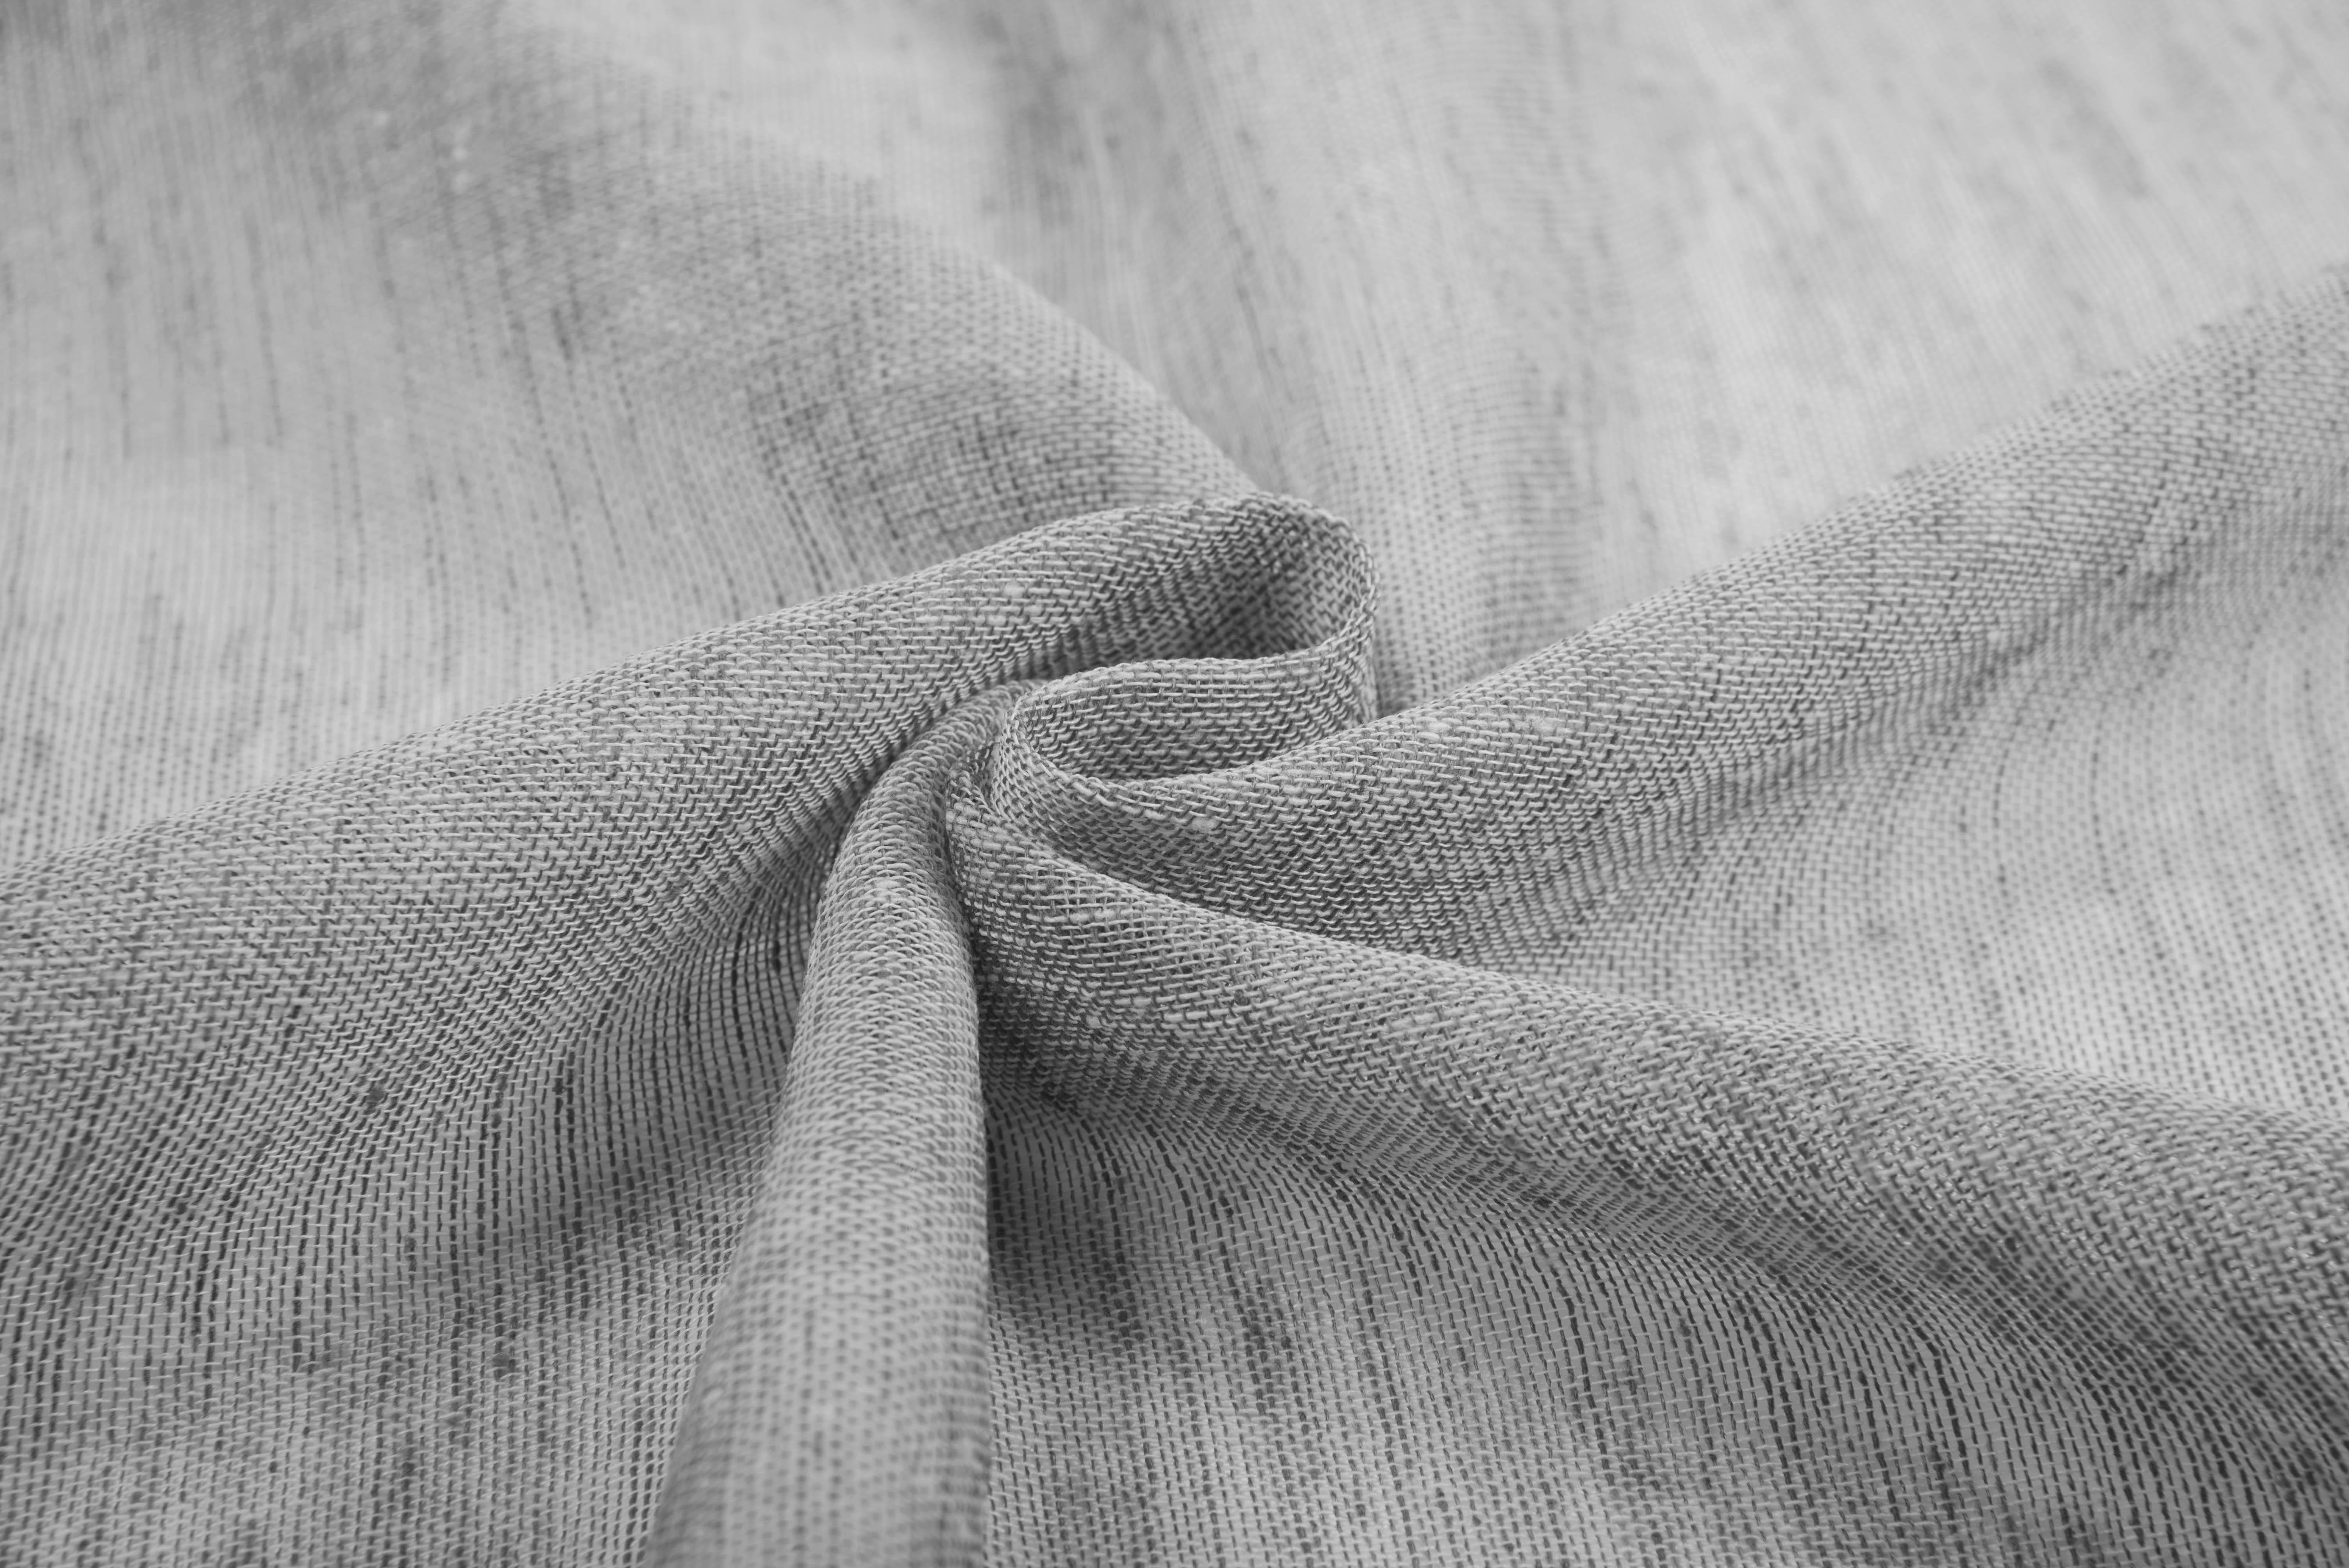 {} TexRepublic Материал Портьерная ткань Snow-covered Цвет: Серый серый вислоухий котнок цена